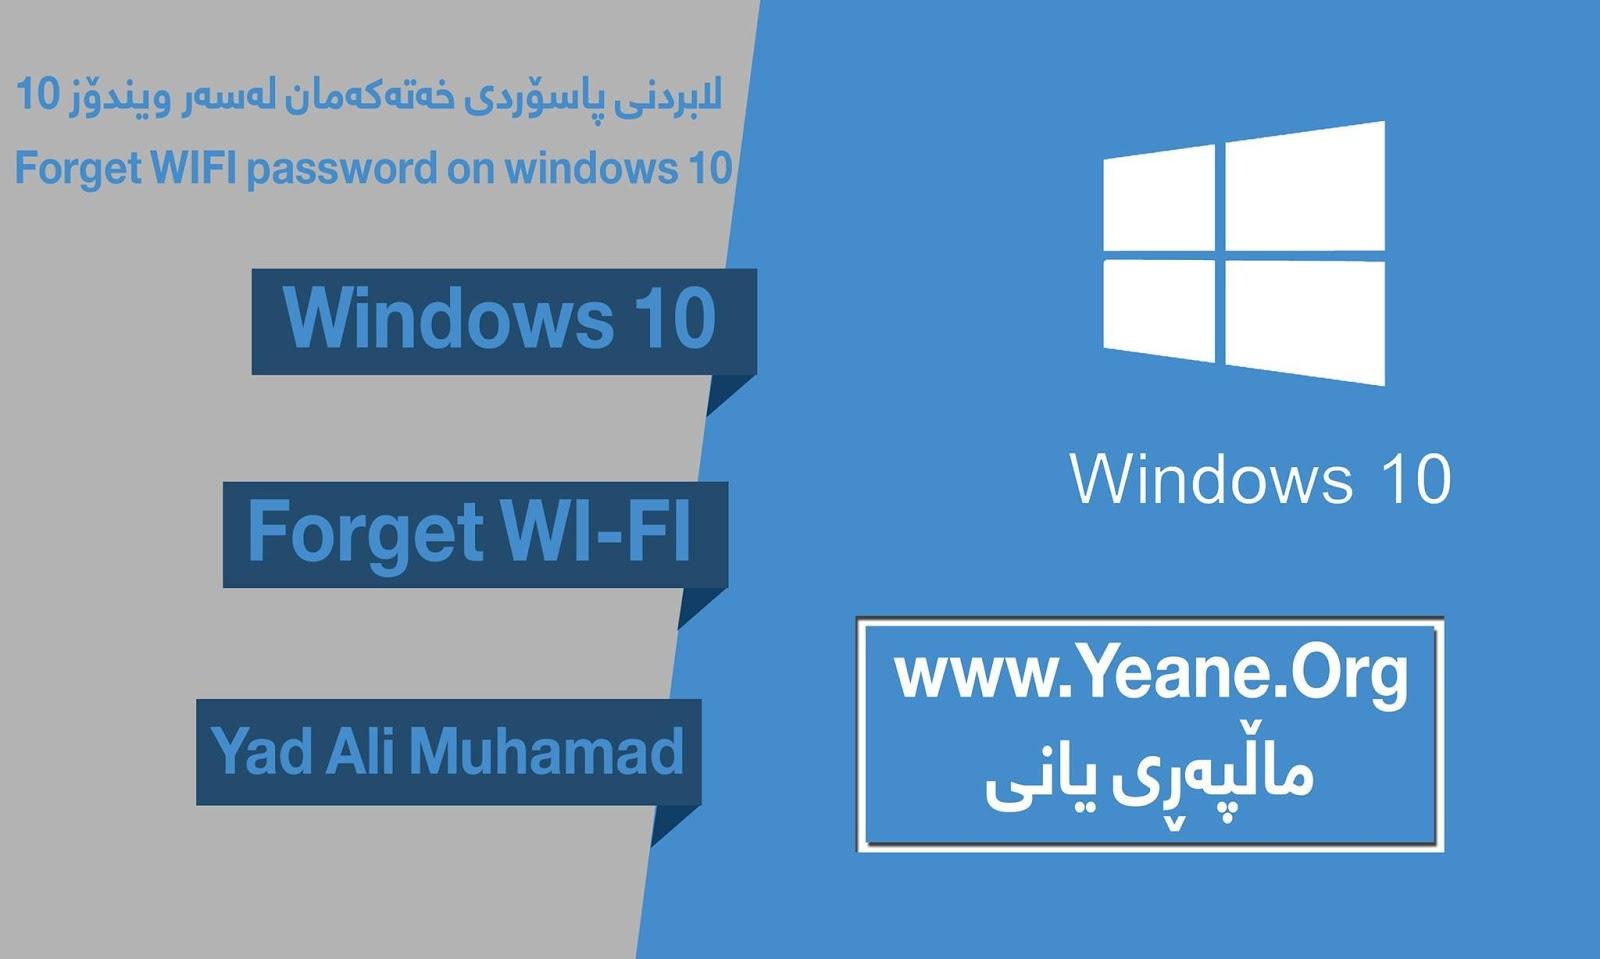 ویندۆز | فێركاری لابردنی پاسۆردی وای فای لهسهر وییندۆز ١٠